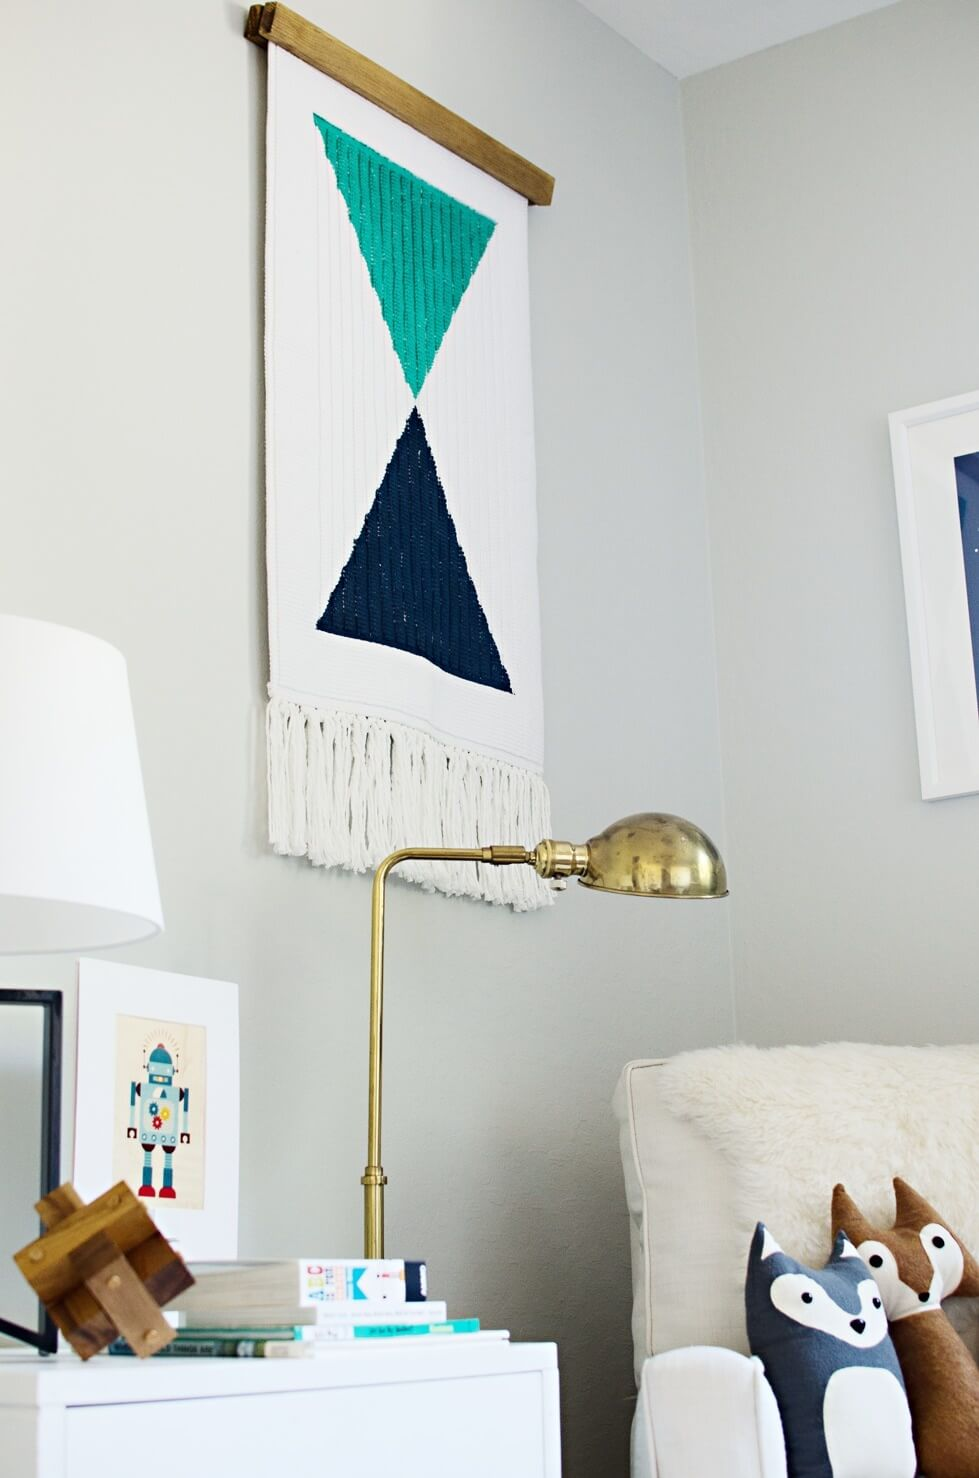 Salon dekorasyonu için kendin yap fikirleri